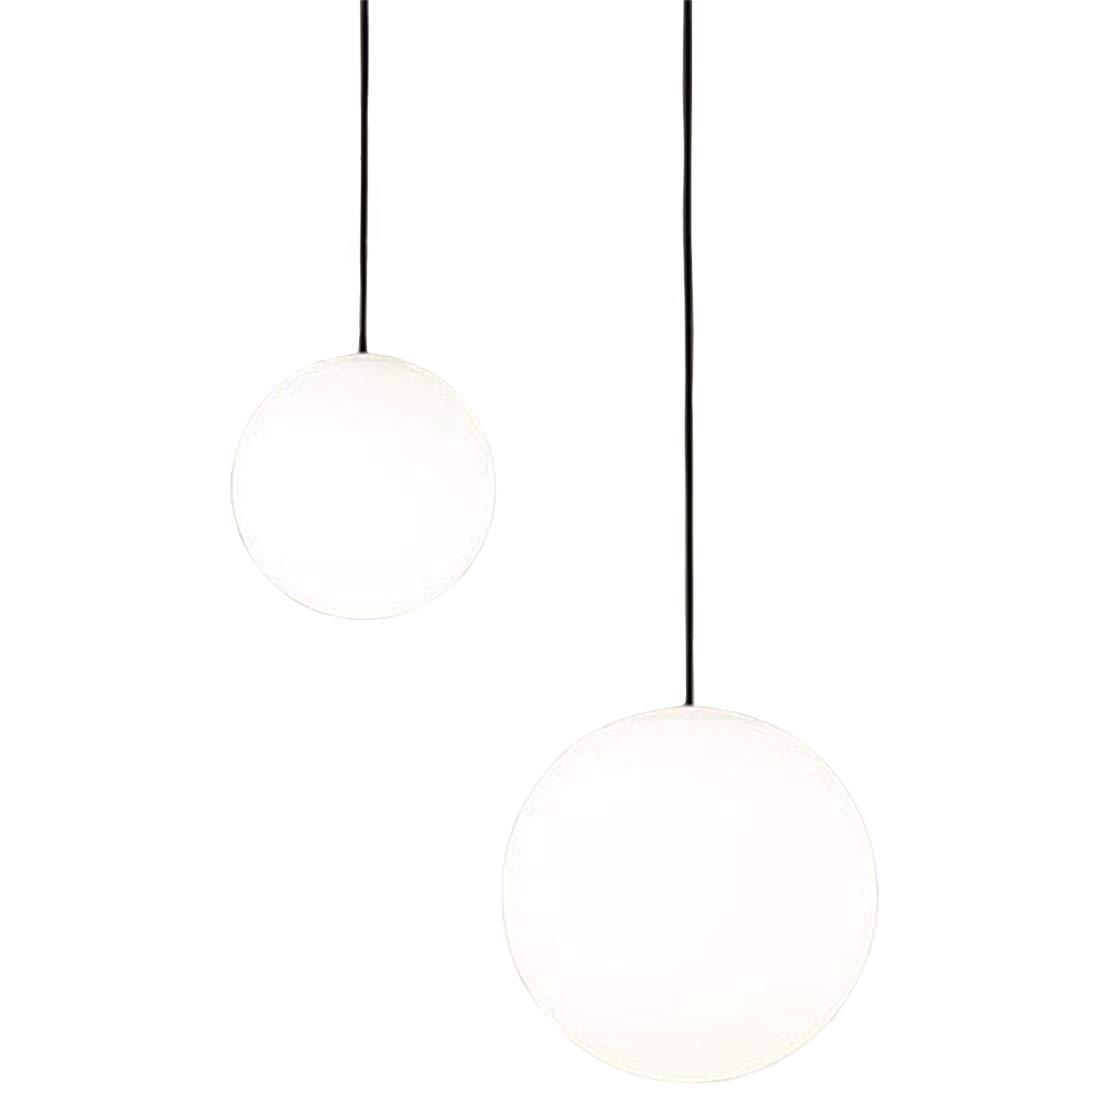 パナソニック Panasonic 照明器具MODIFY 吹き抜け用LEDシャンデリア M・Lサイズ60形電球3灯相当 電球色 非調光LGB19271BK